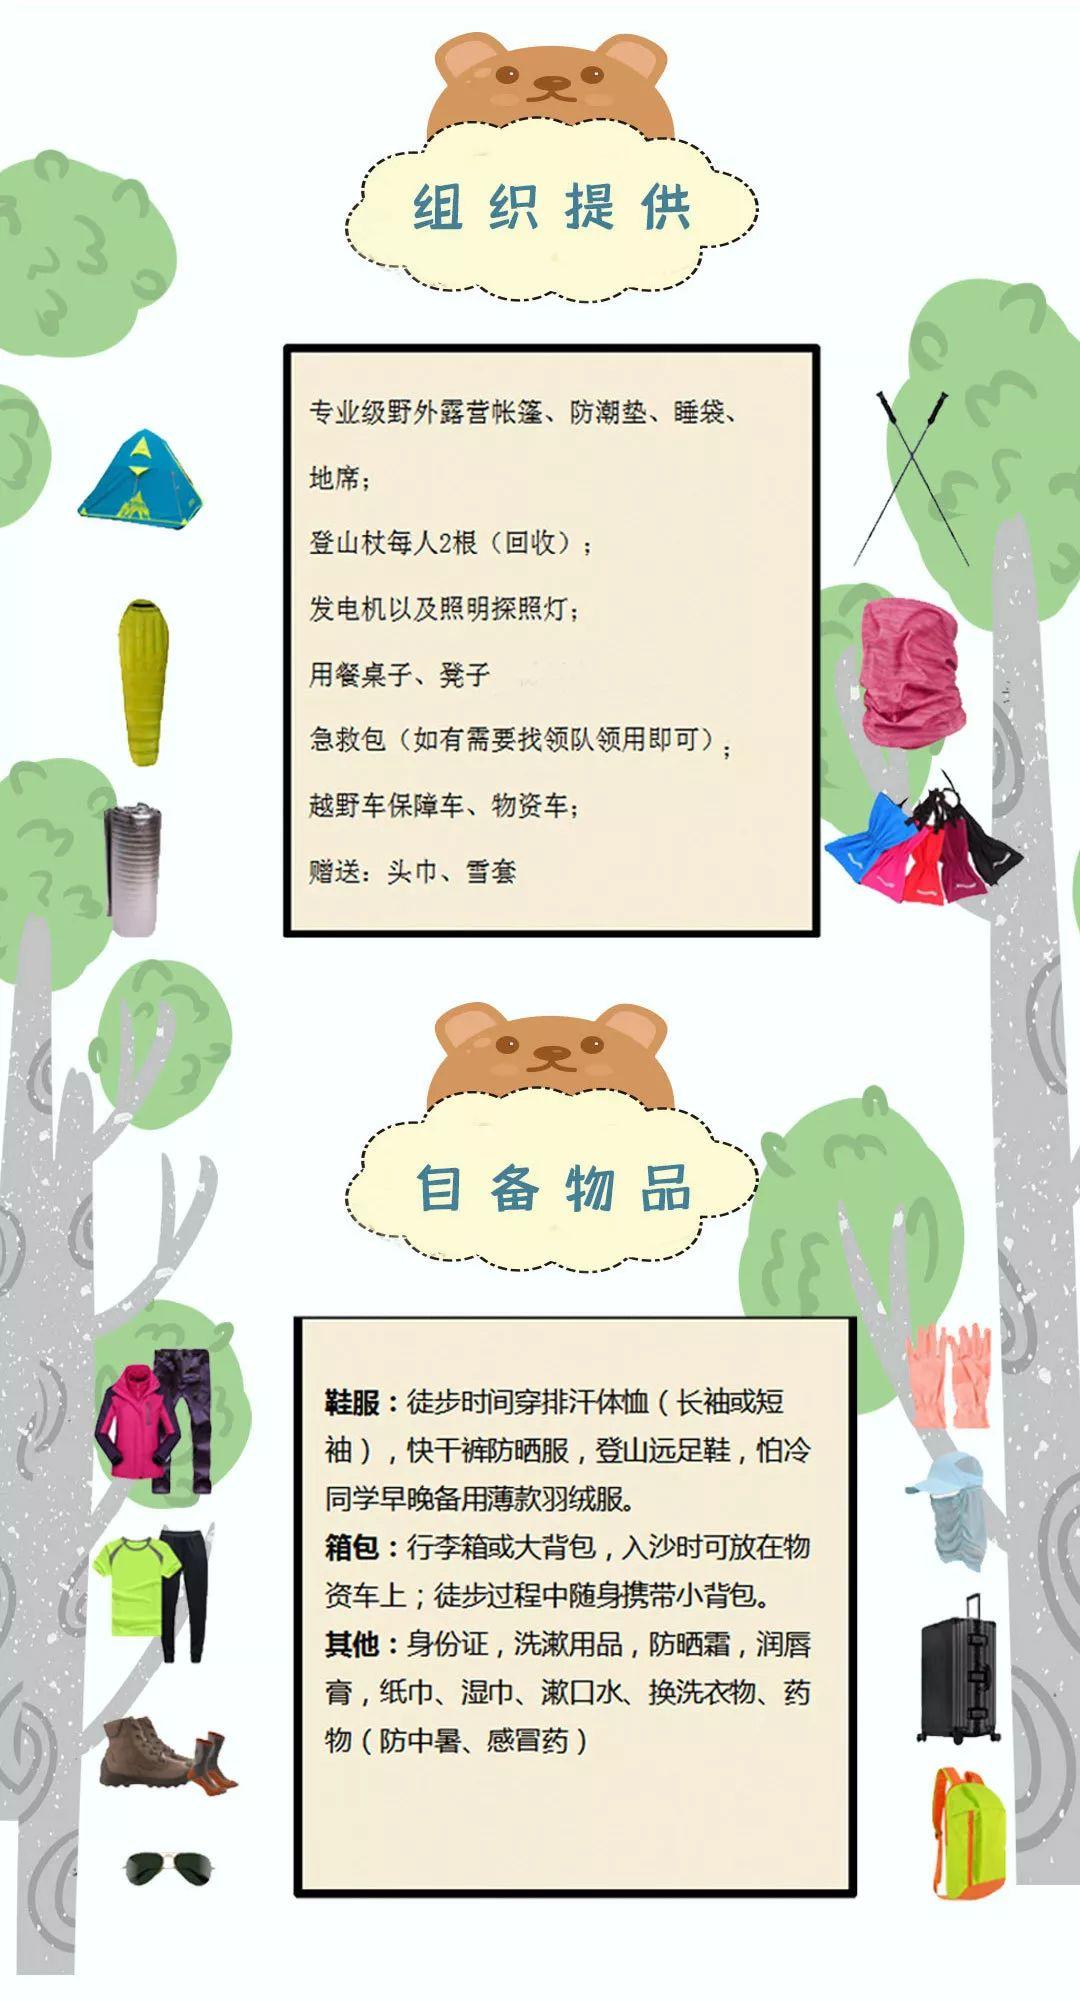 (6)宁夏&腾格里沙漠2020年暑期亲子游-户外活动图-驼铃网